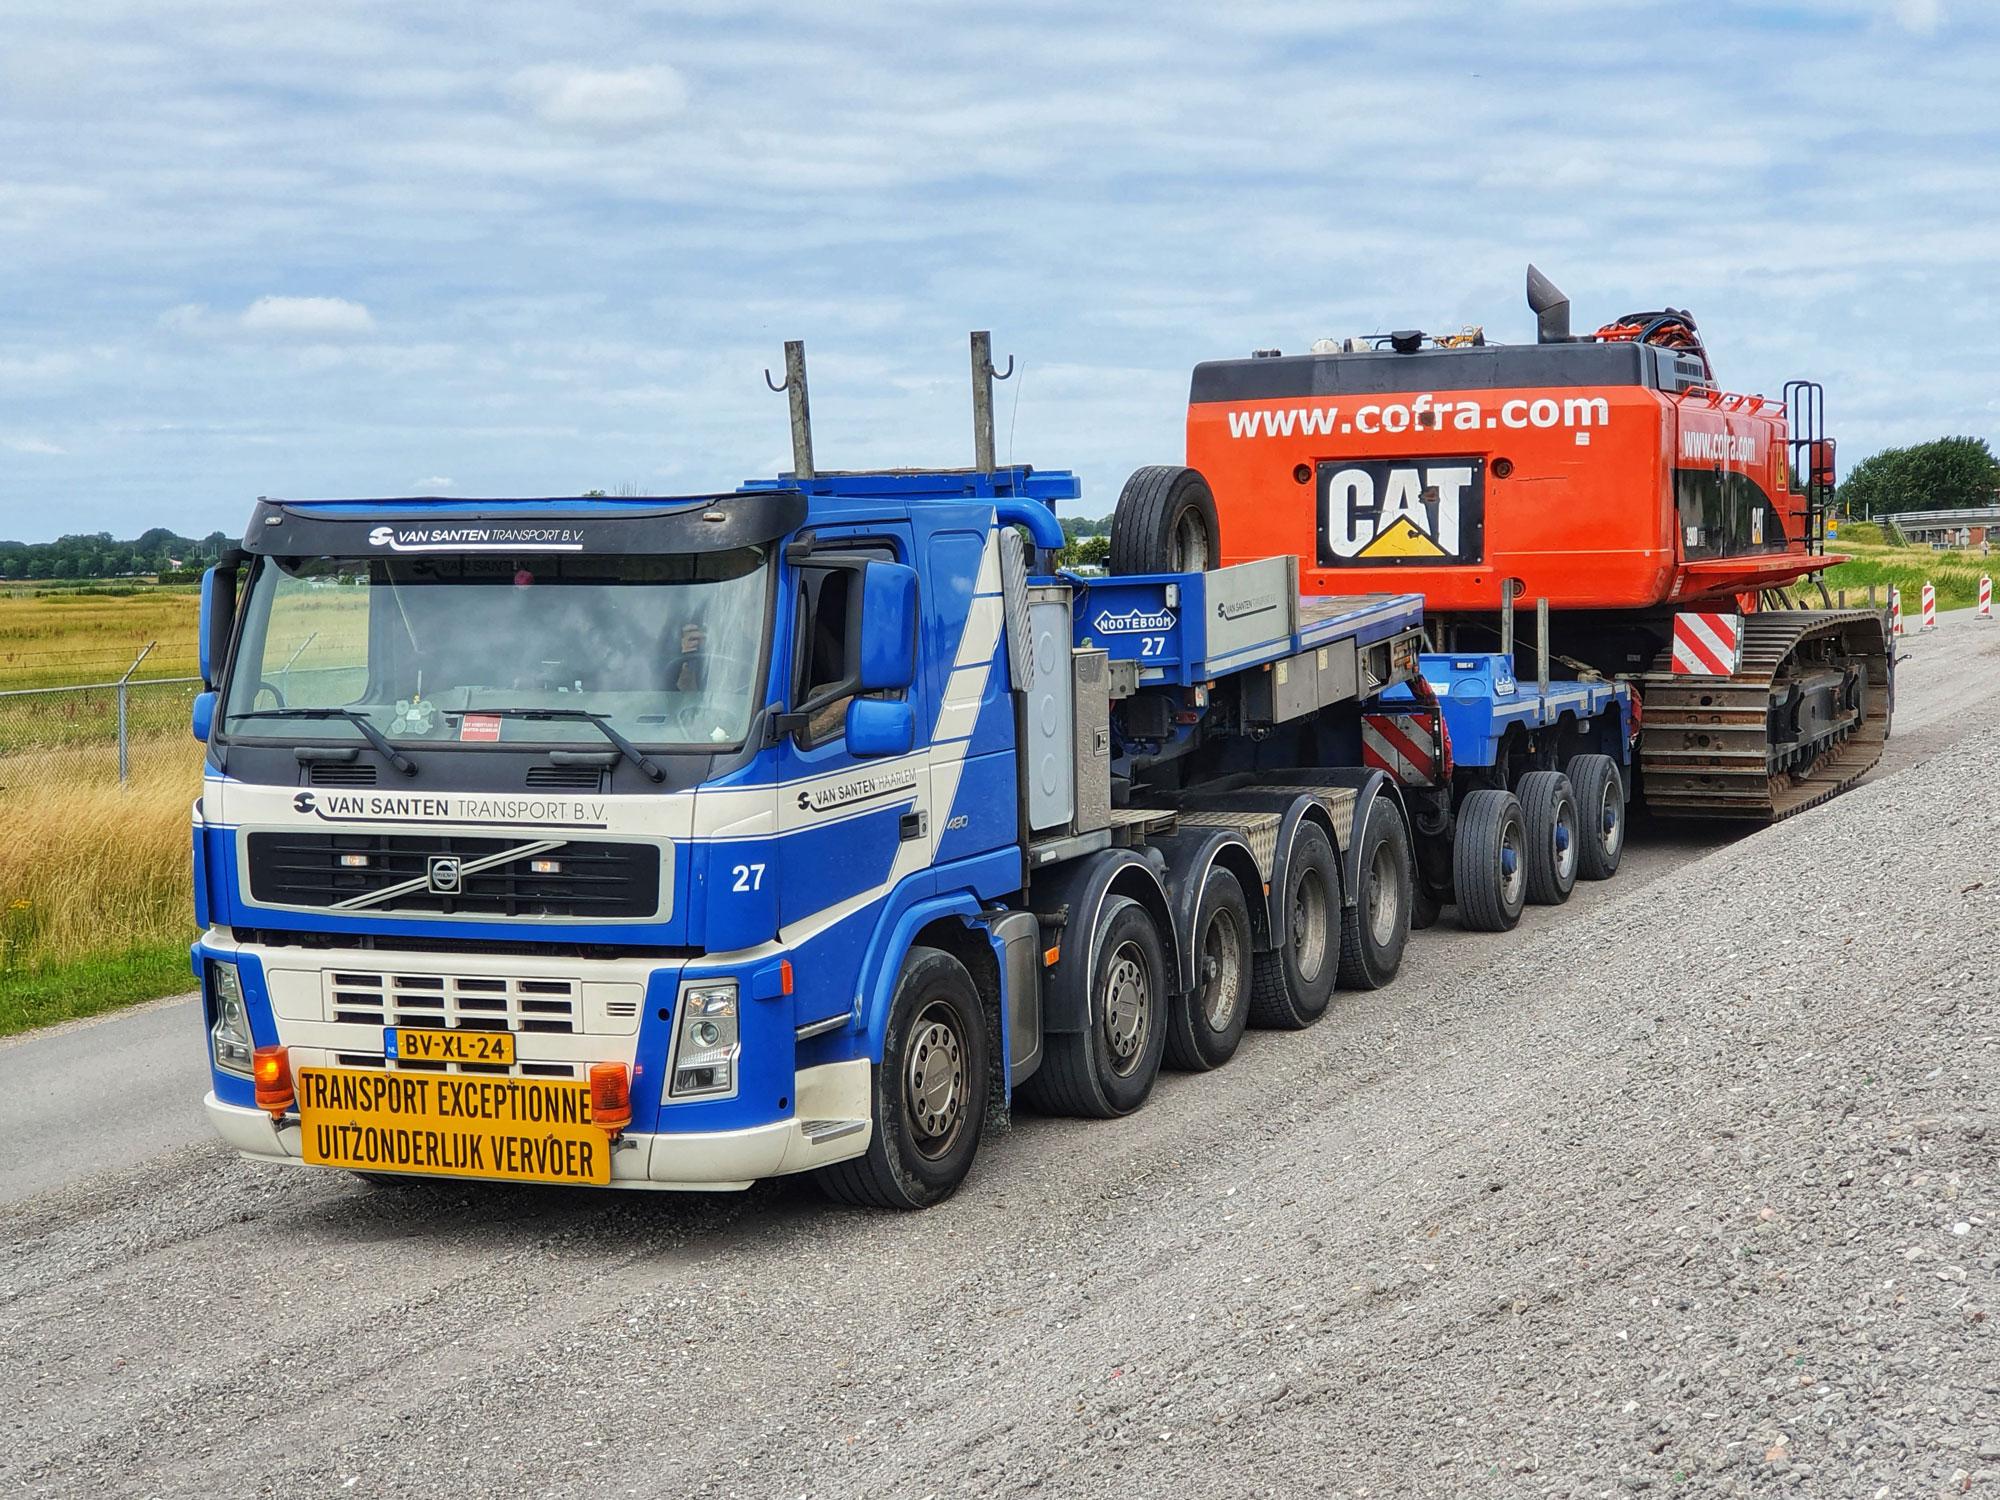 van-santen-transport-vrachtwagen-kraan-5